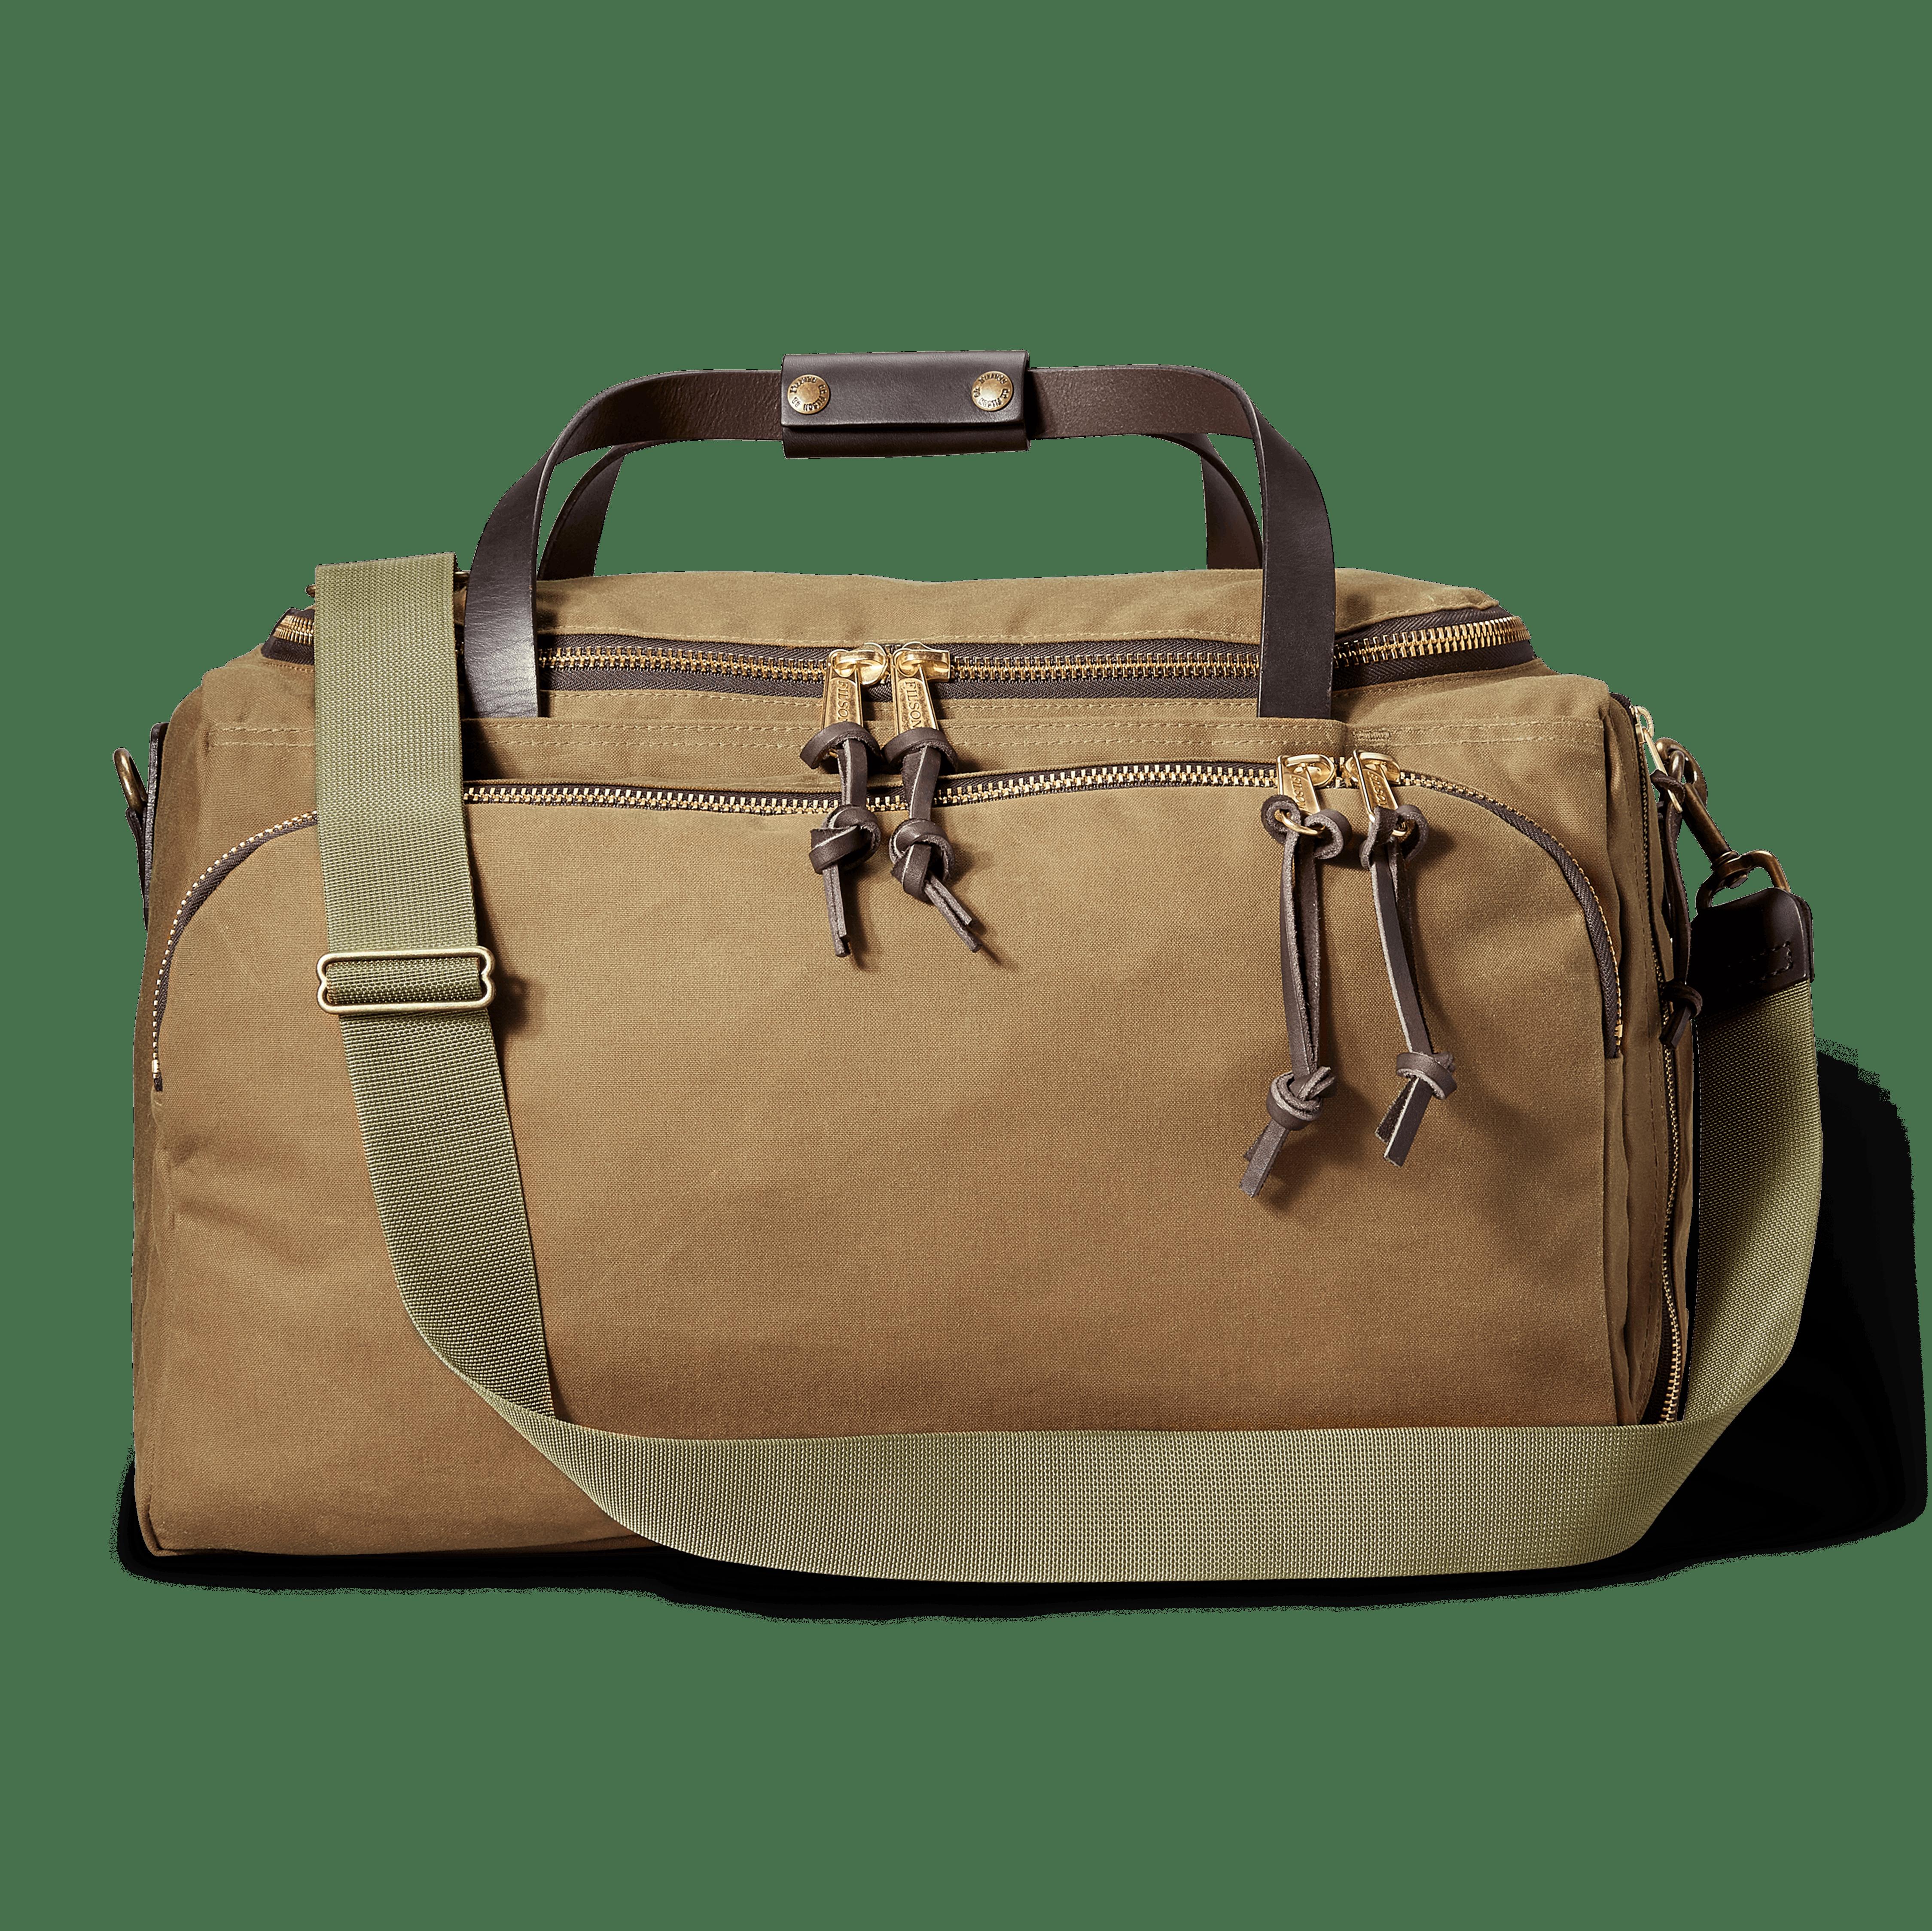 Filson Travel Bag